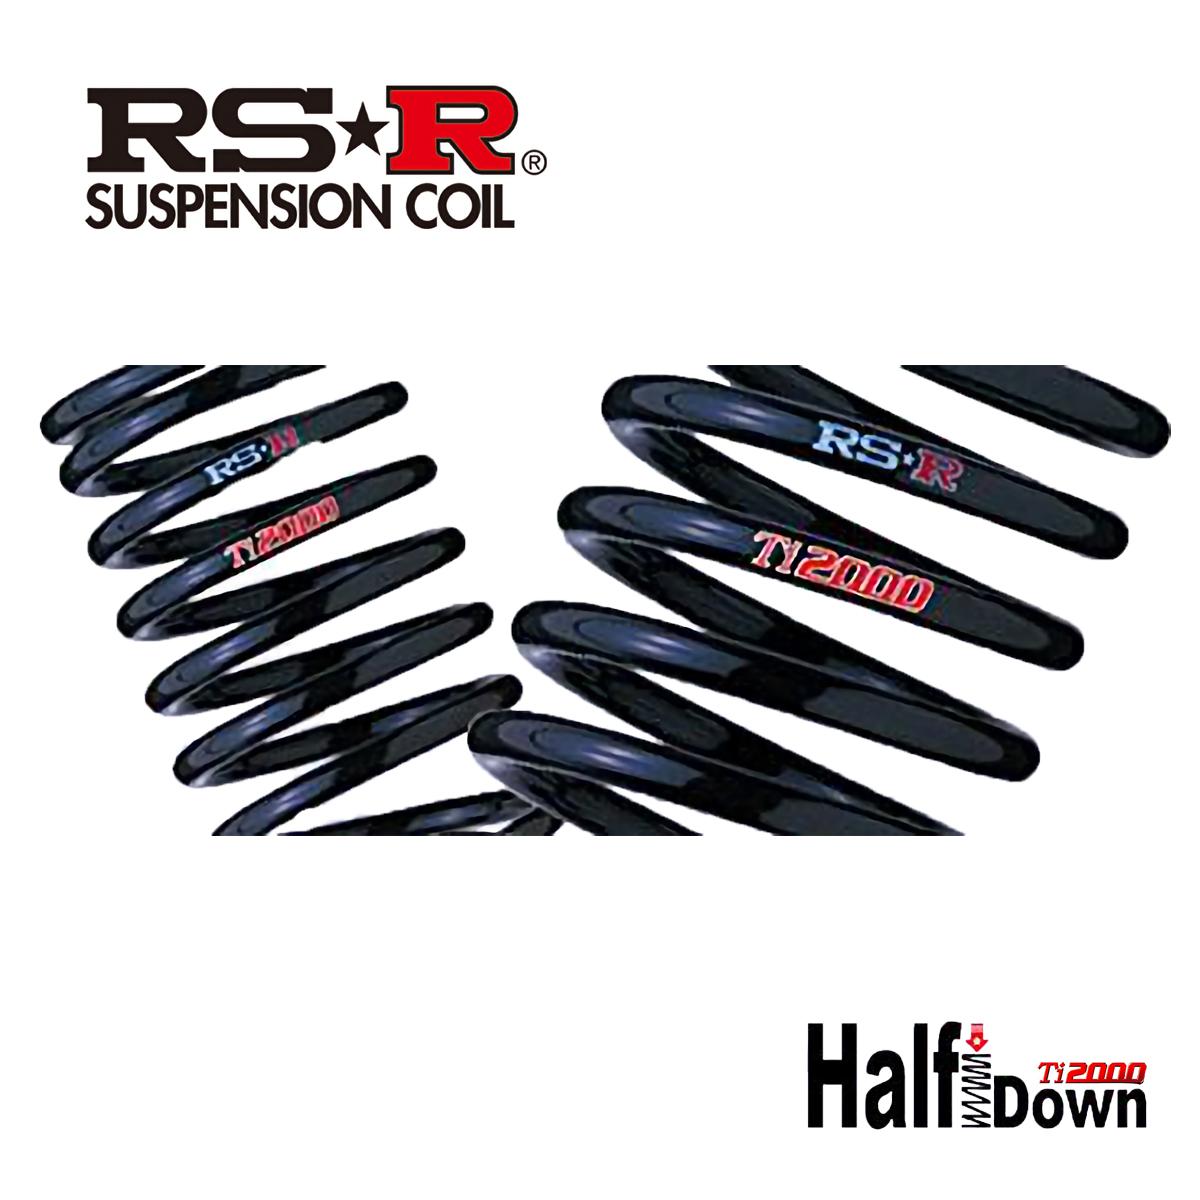 RS-R カローラツーリング ZWE211W ハイブリッド S ダウンサス スプリング 1台分 T814THD Ti2000 ハーフダウン RSR 個人宅発送追金有